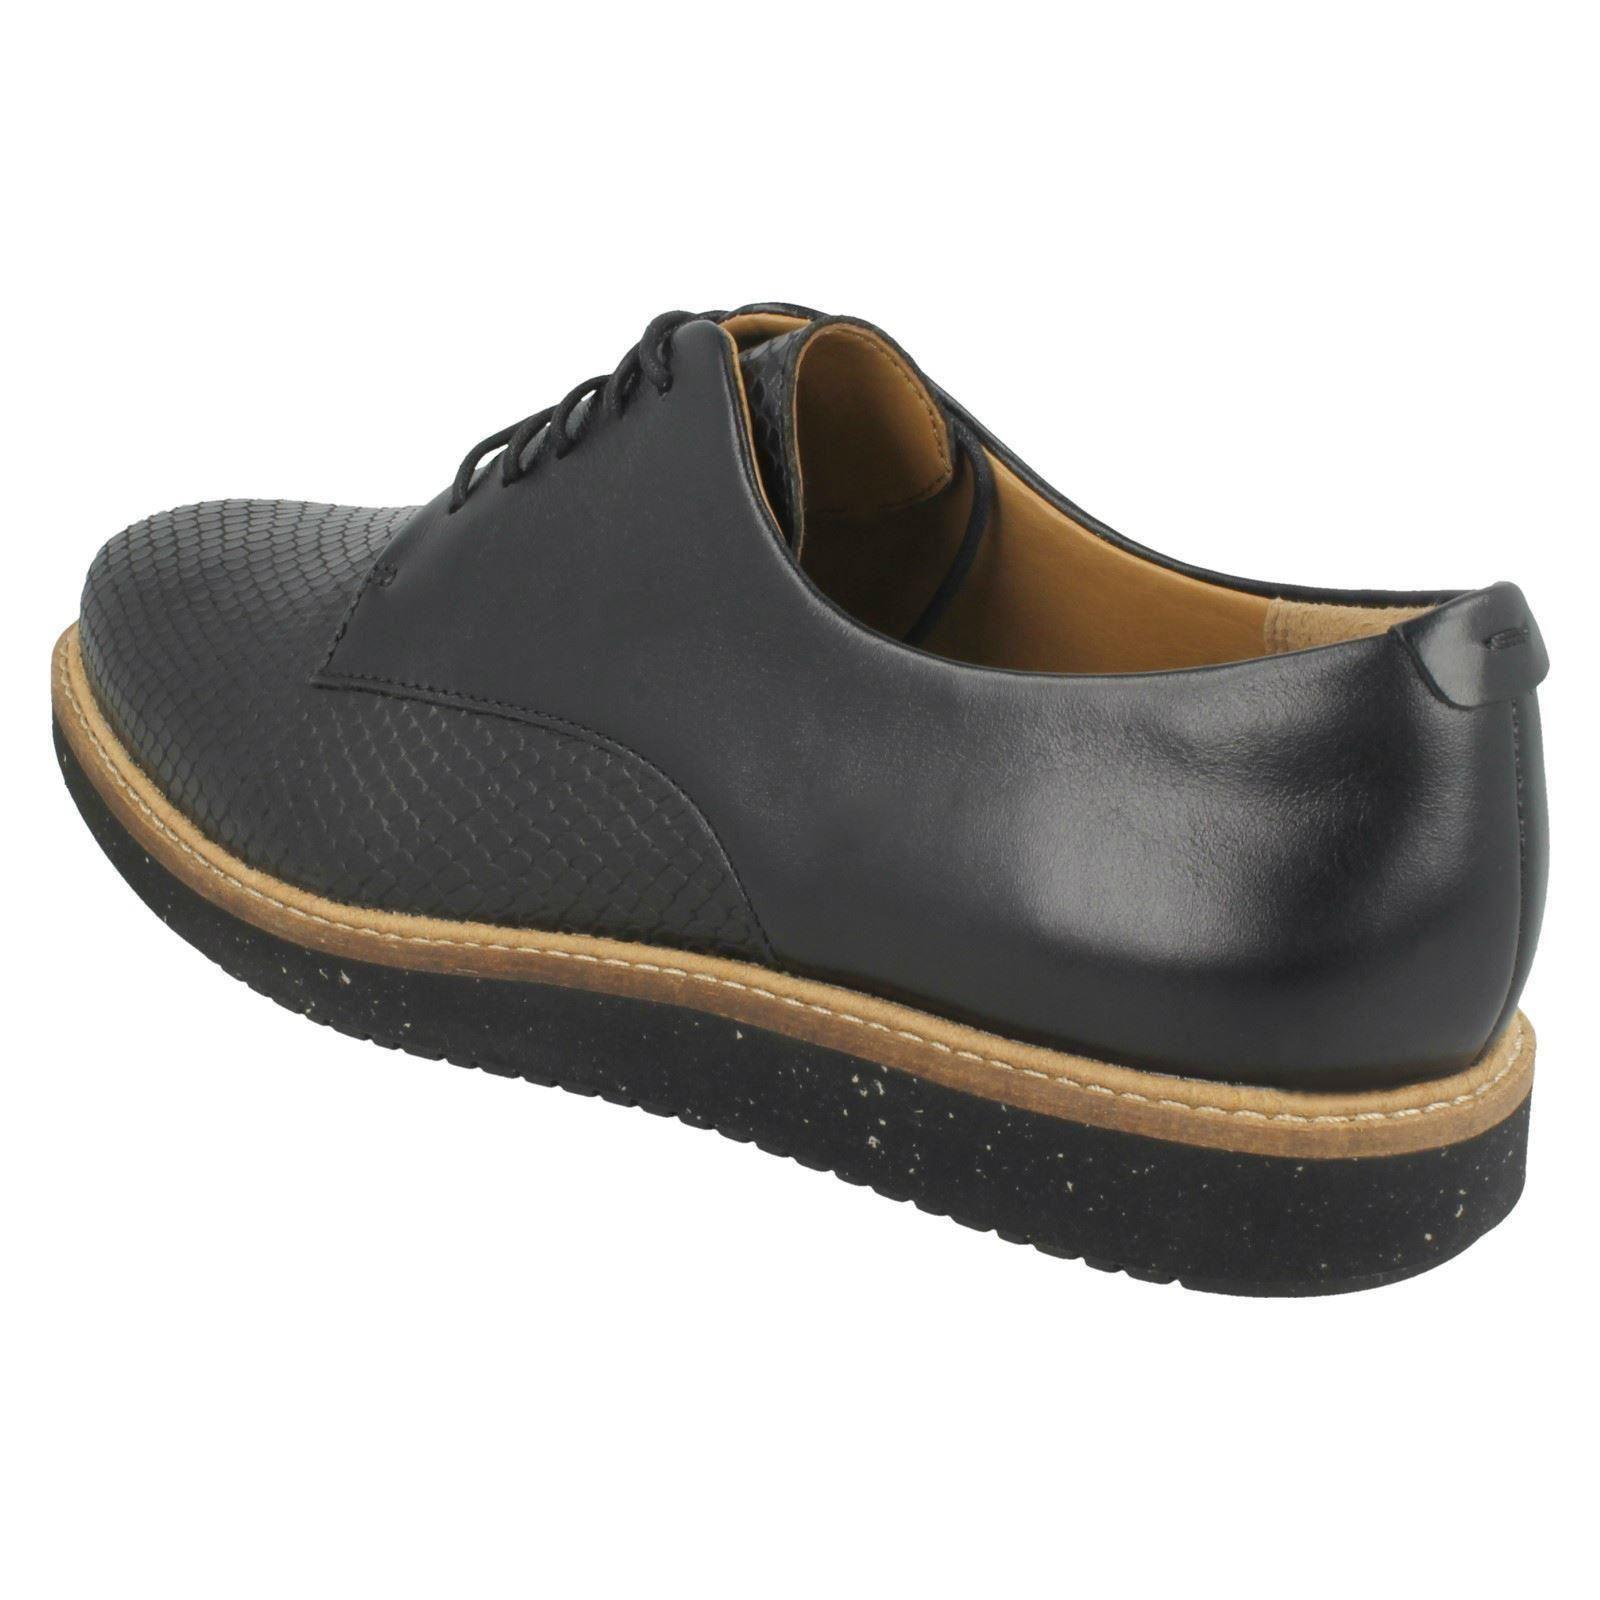 Everyday Shoes Clarks Señoras negro Darby' 'glick Casual cuero wtv5n5Cqx